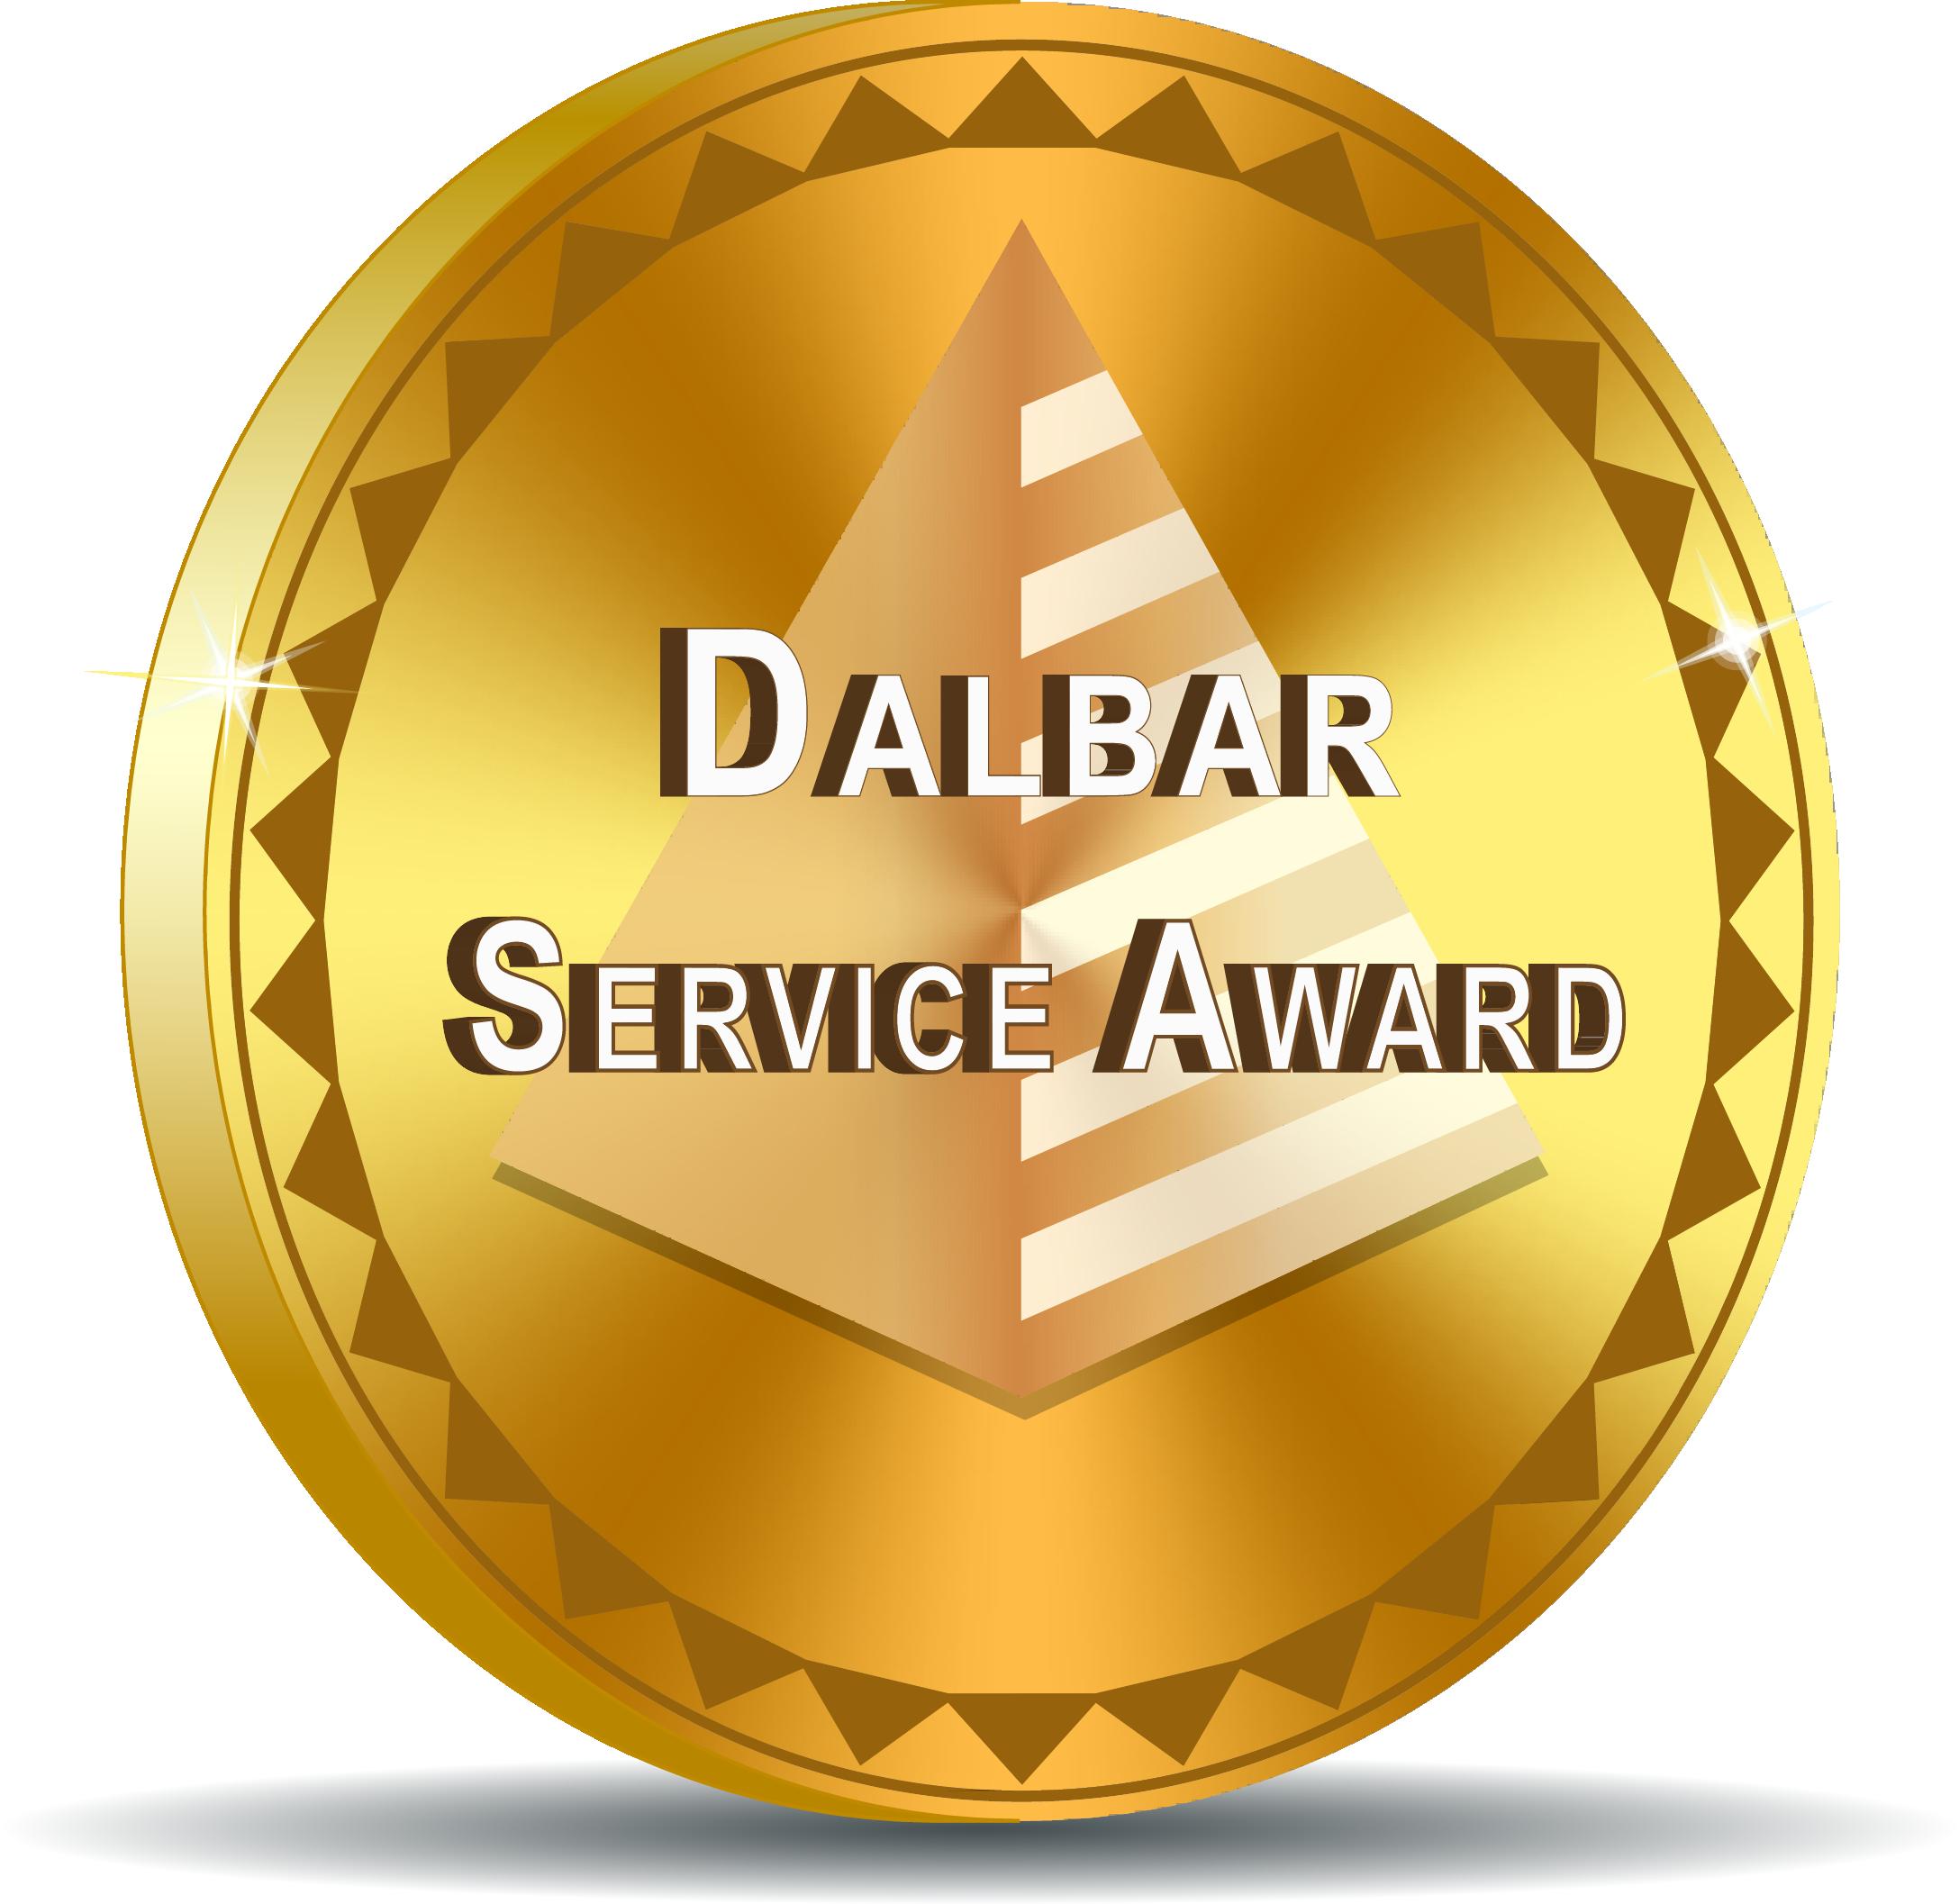 DALBAR Award Winners